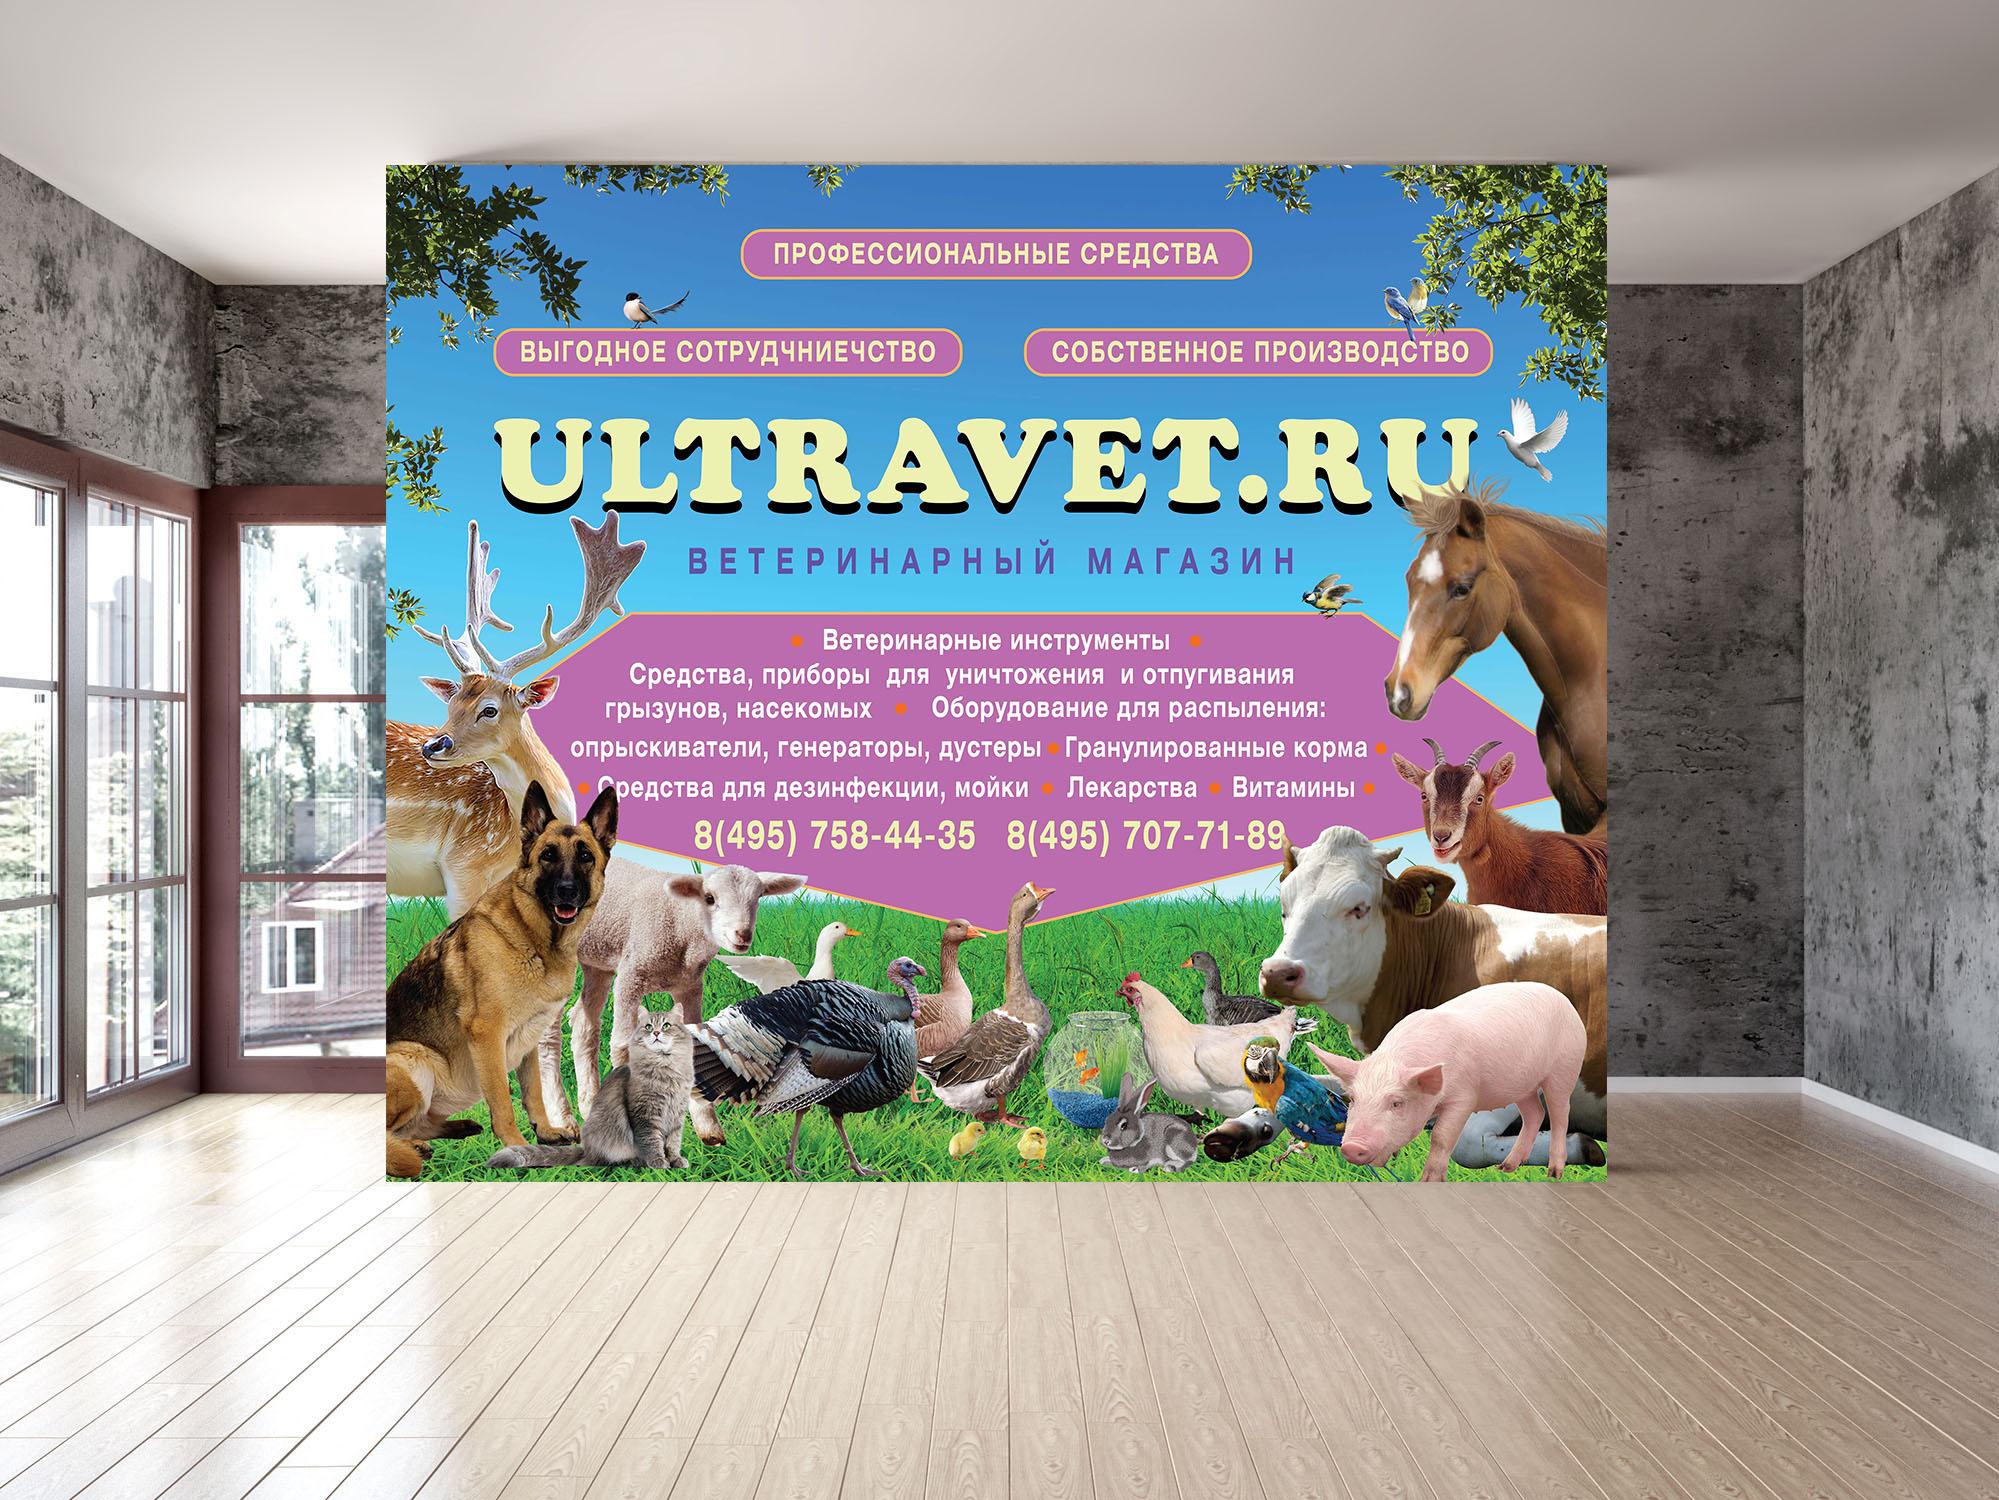 Нужен дизайн постера,  ширина 3 метра, высота 2,5 метра. фото f_5555c21000433297.jpg